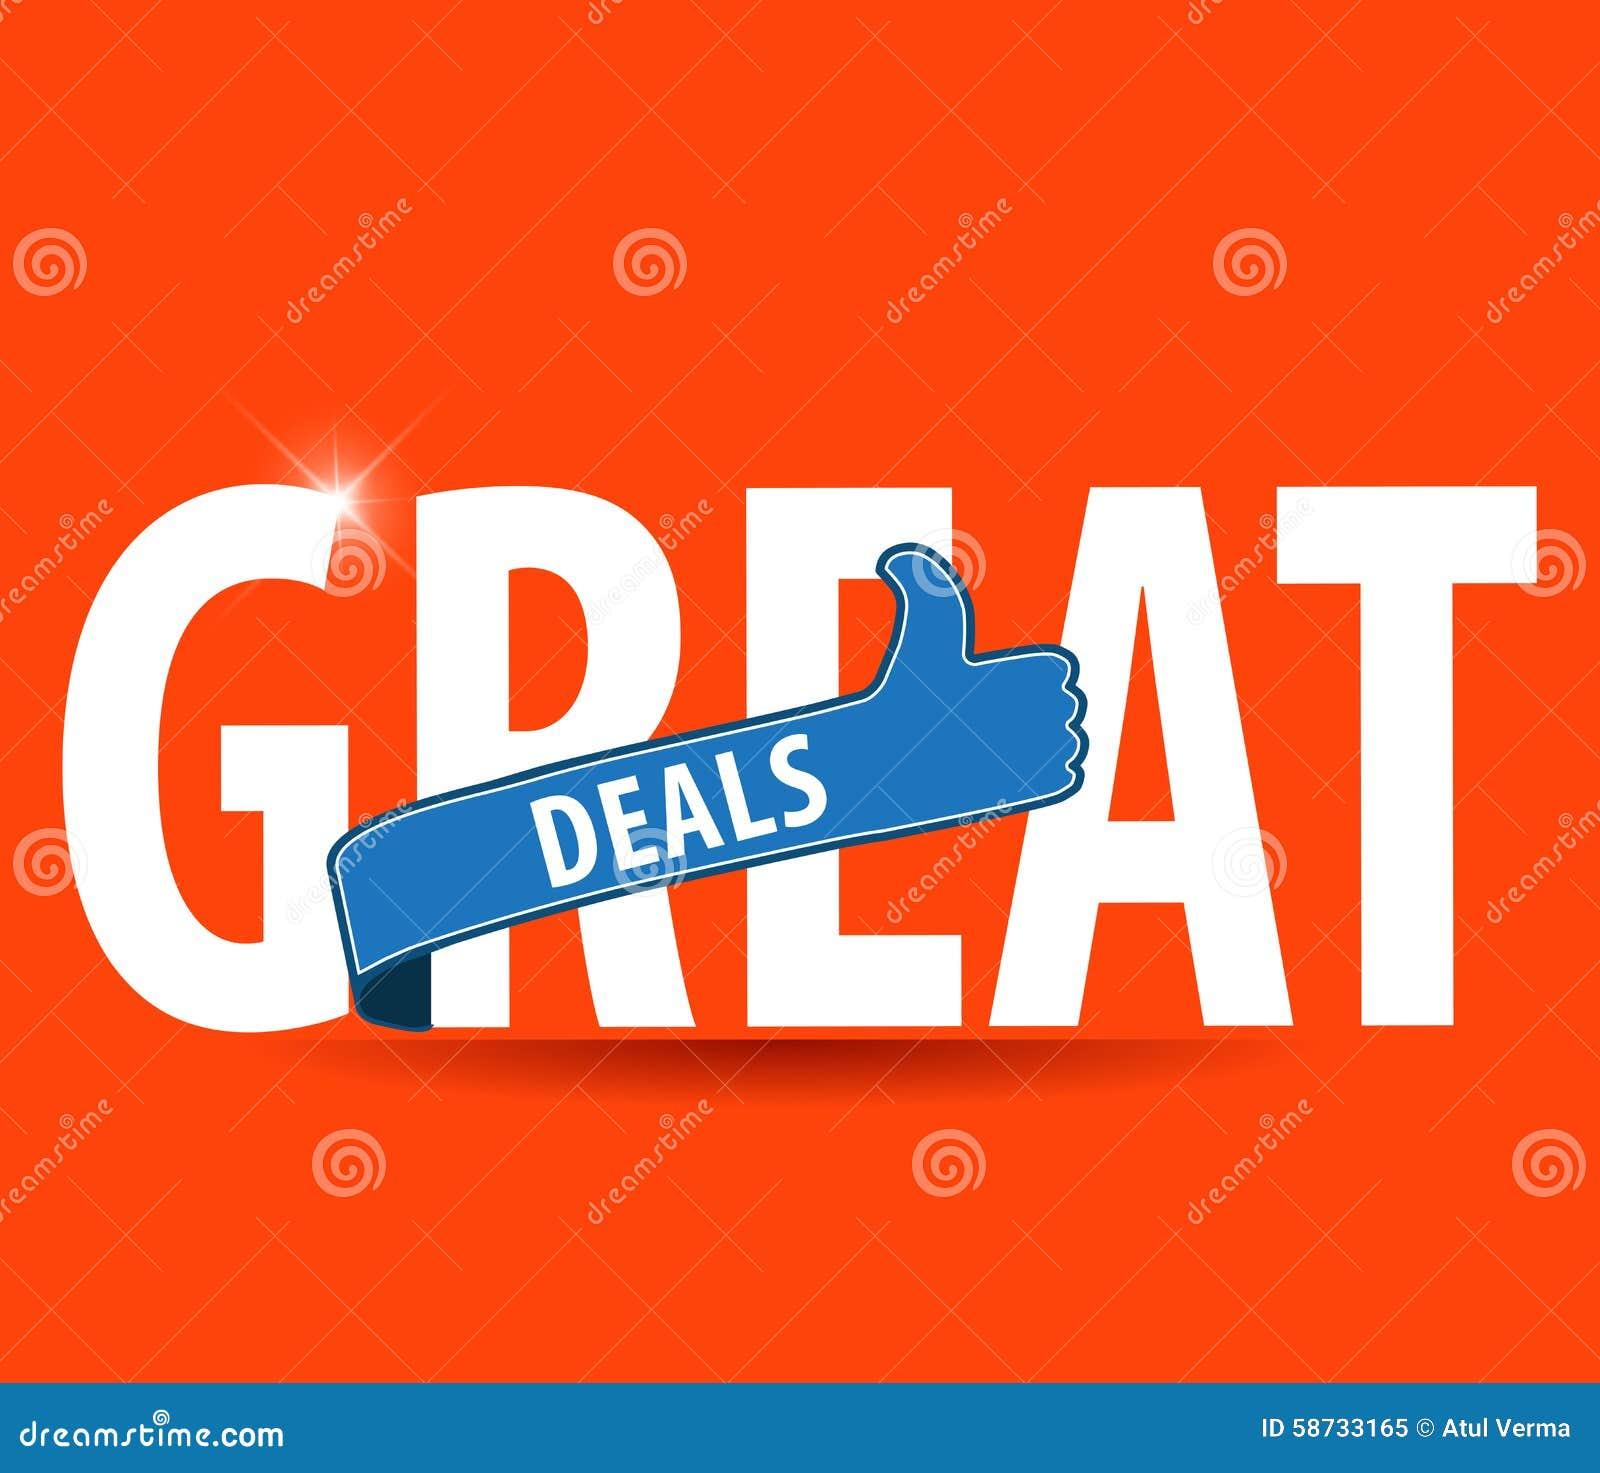 Tm deals sign up